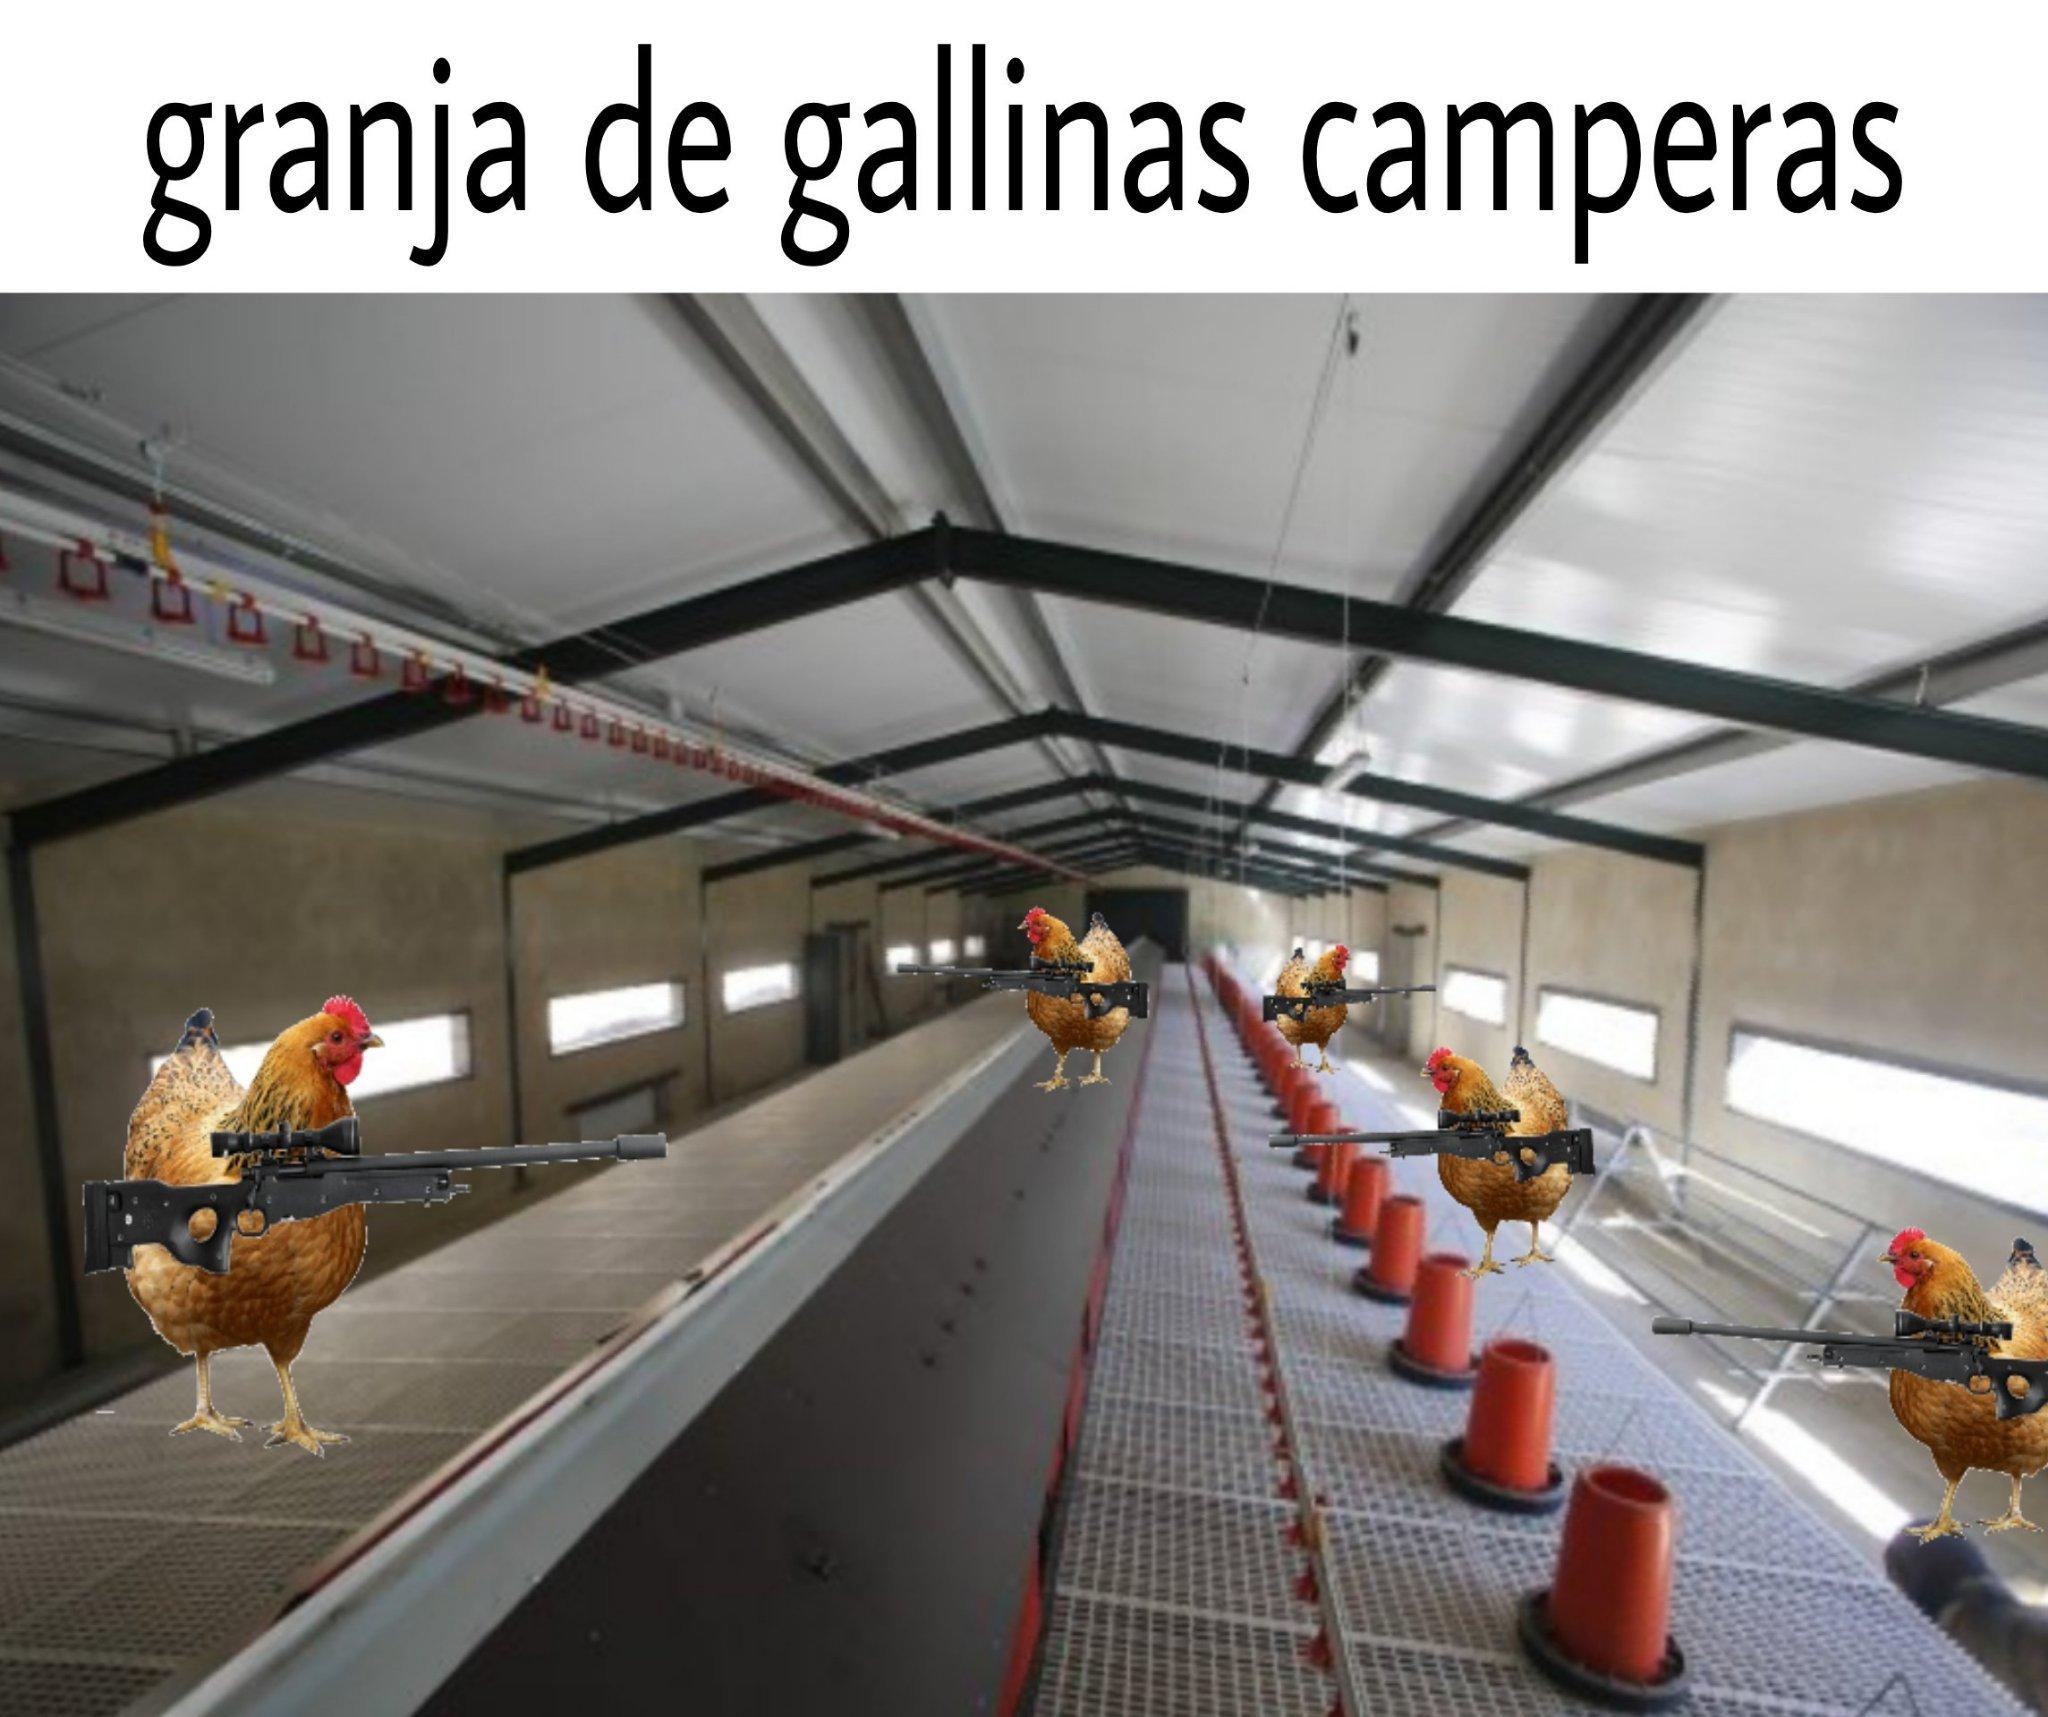 Ptos camperos - meme